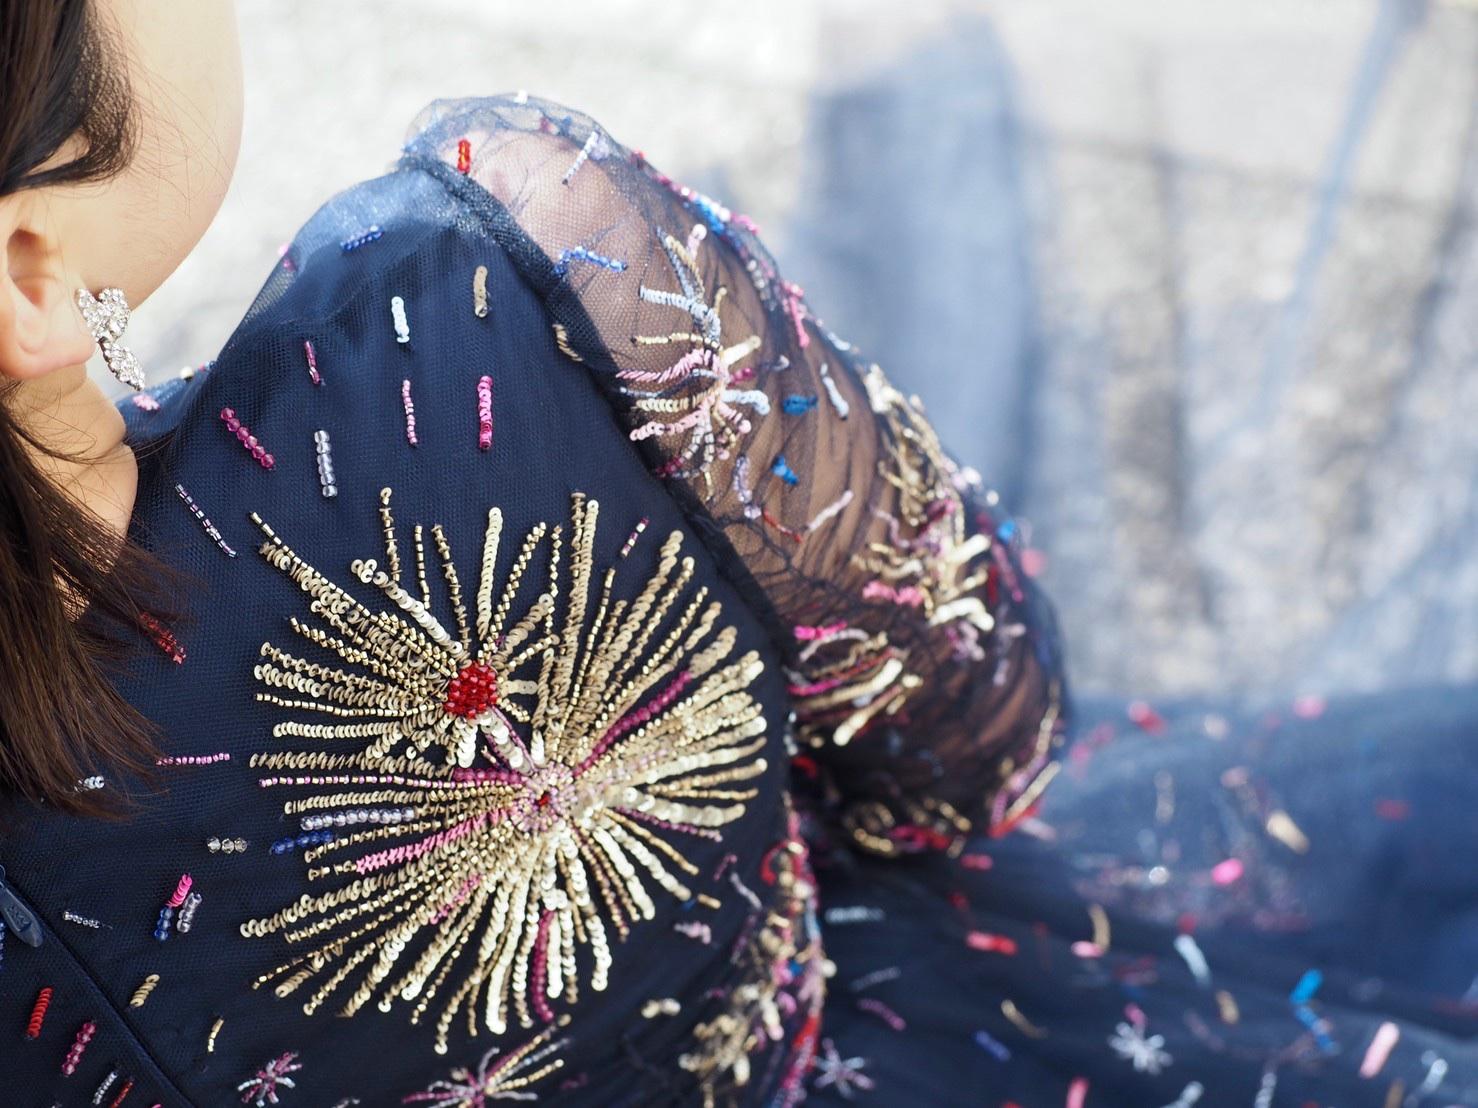 ザトリートドレッシング神戸店にてお取り扱いのある細やかなビジューが美しいモニークルイリエのミッドナイトブルーカラードレスのご紹介